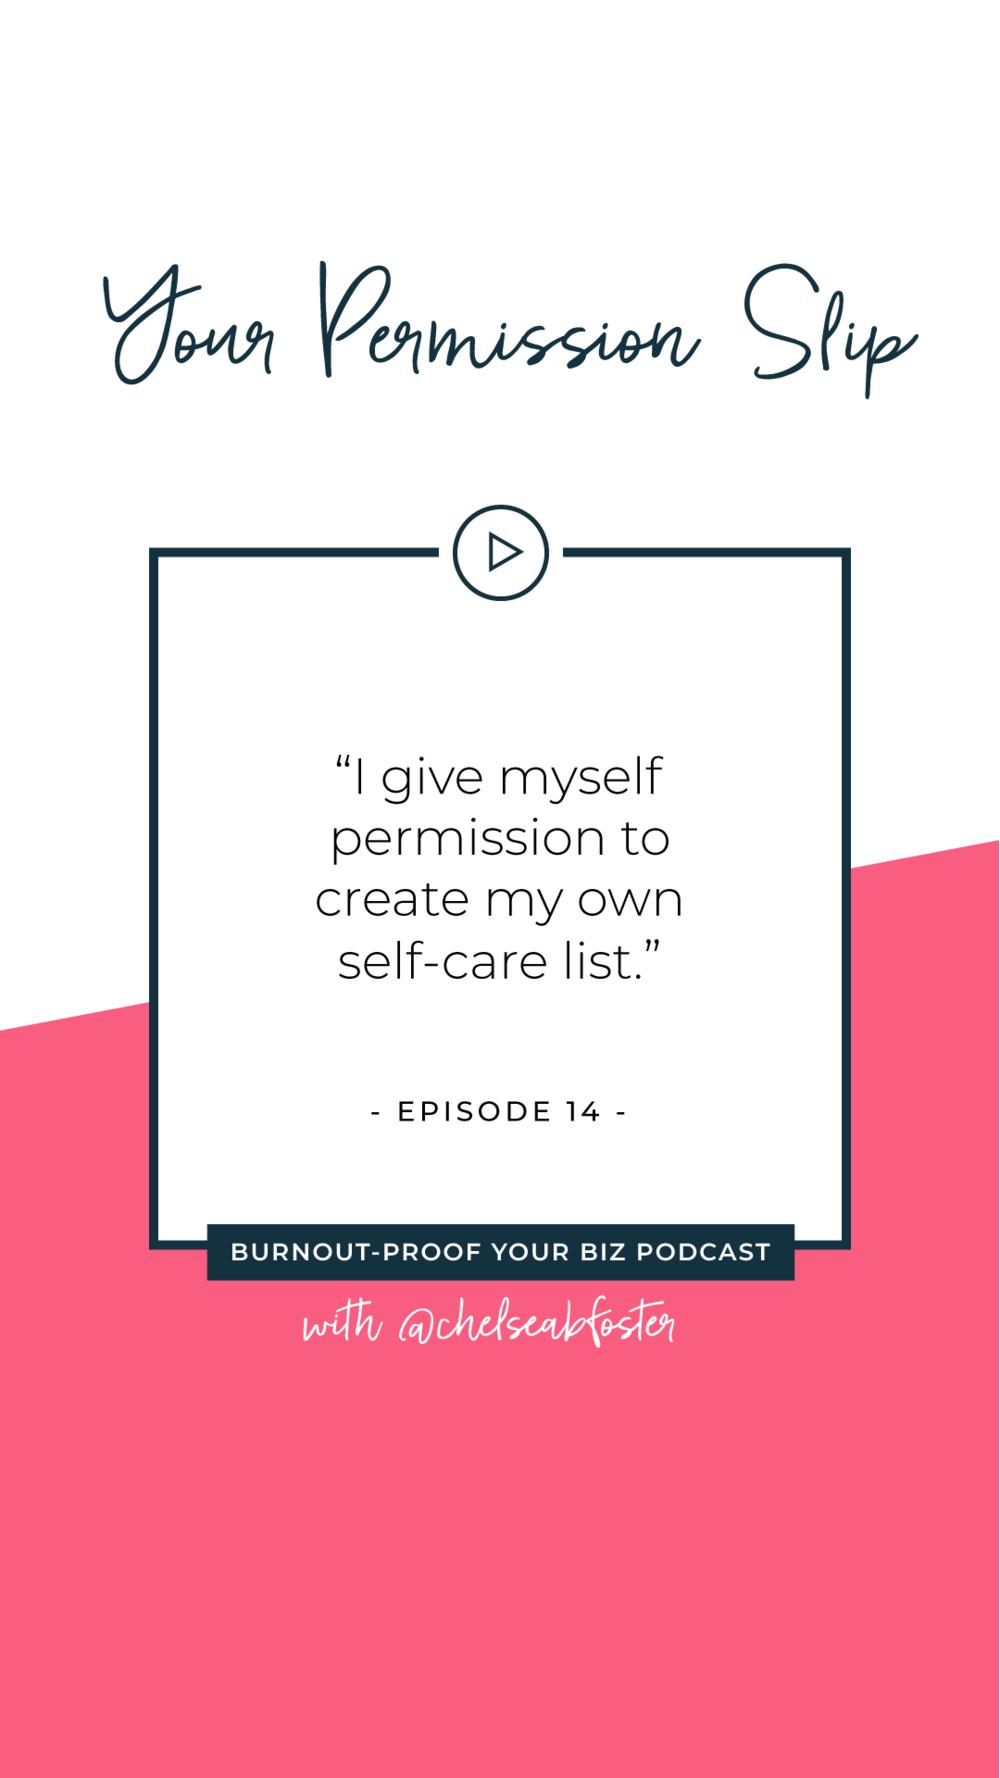 Your Permission Slip | Episode 16 of Burnout-Proof Your Biz with Chelsea B Foster | Listen at www.burnoutproofyourbiz.com.